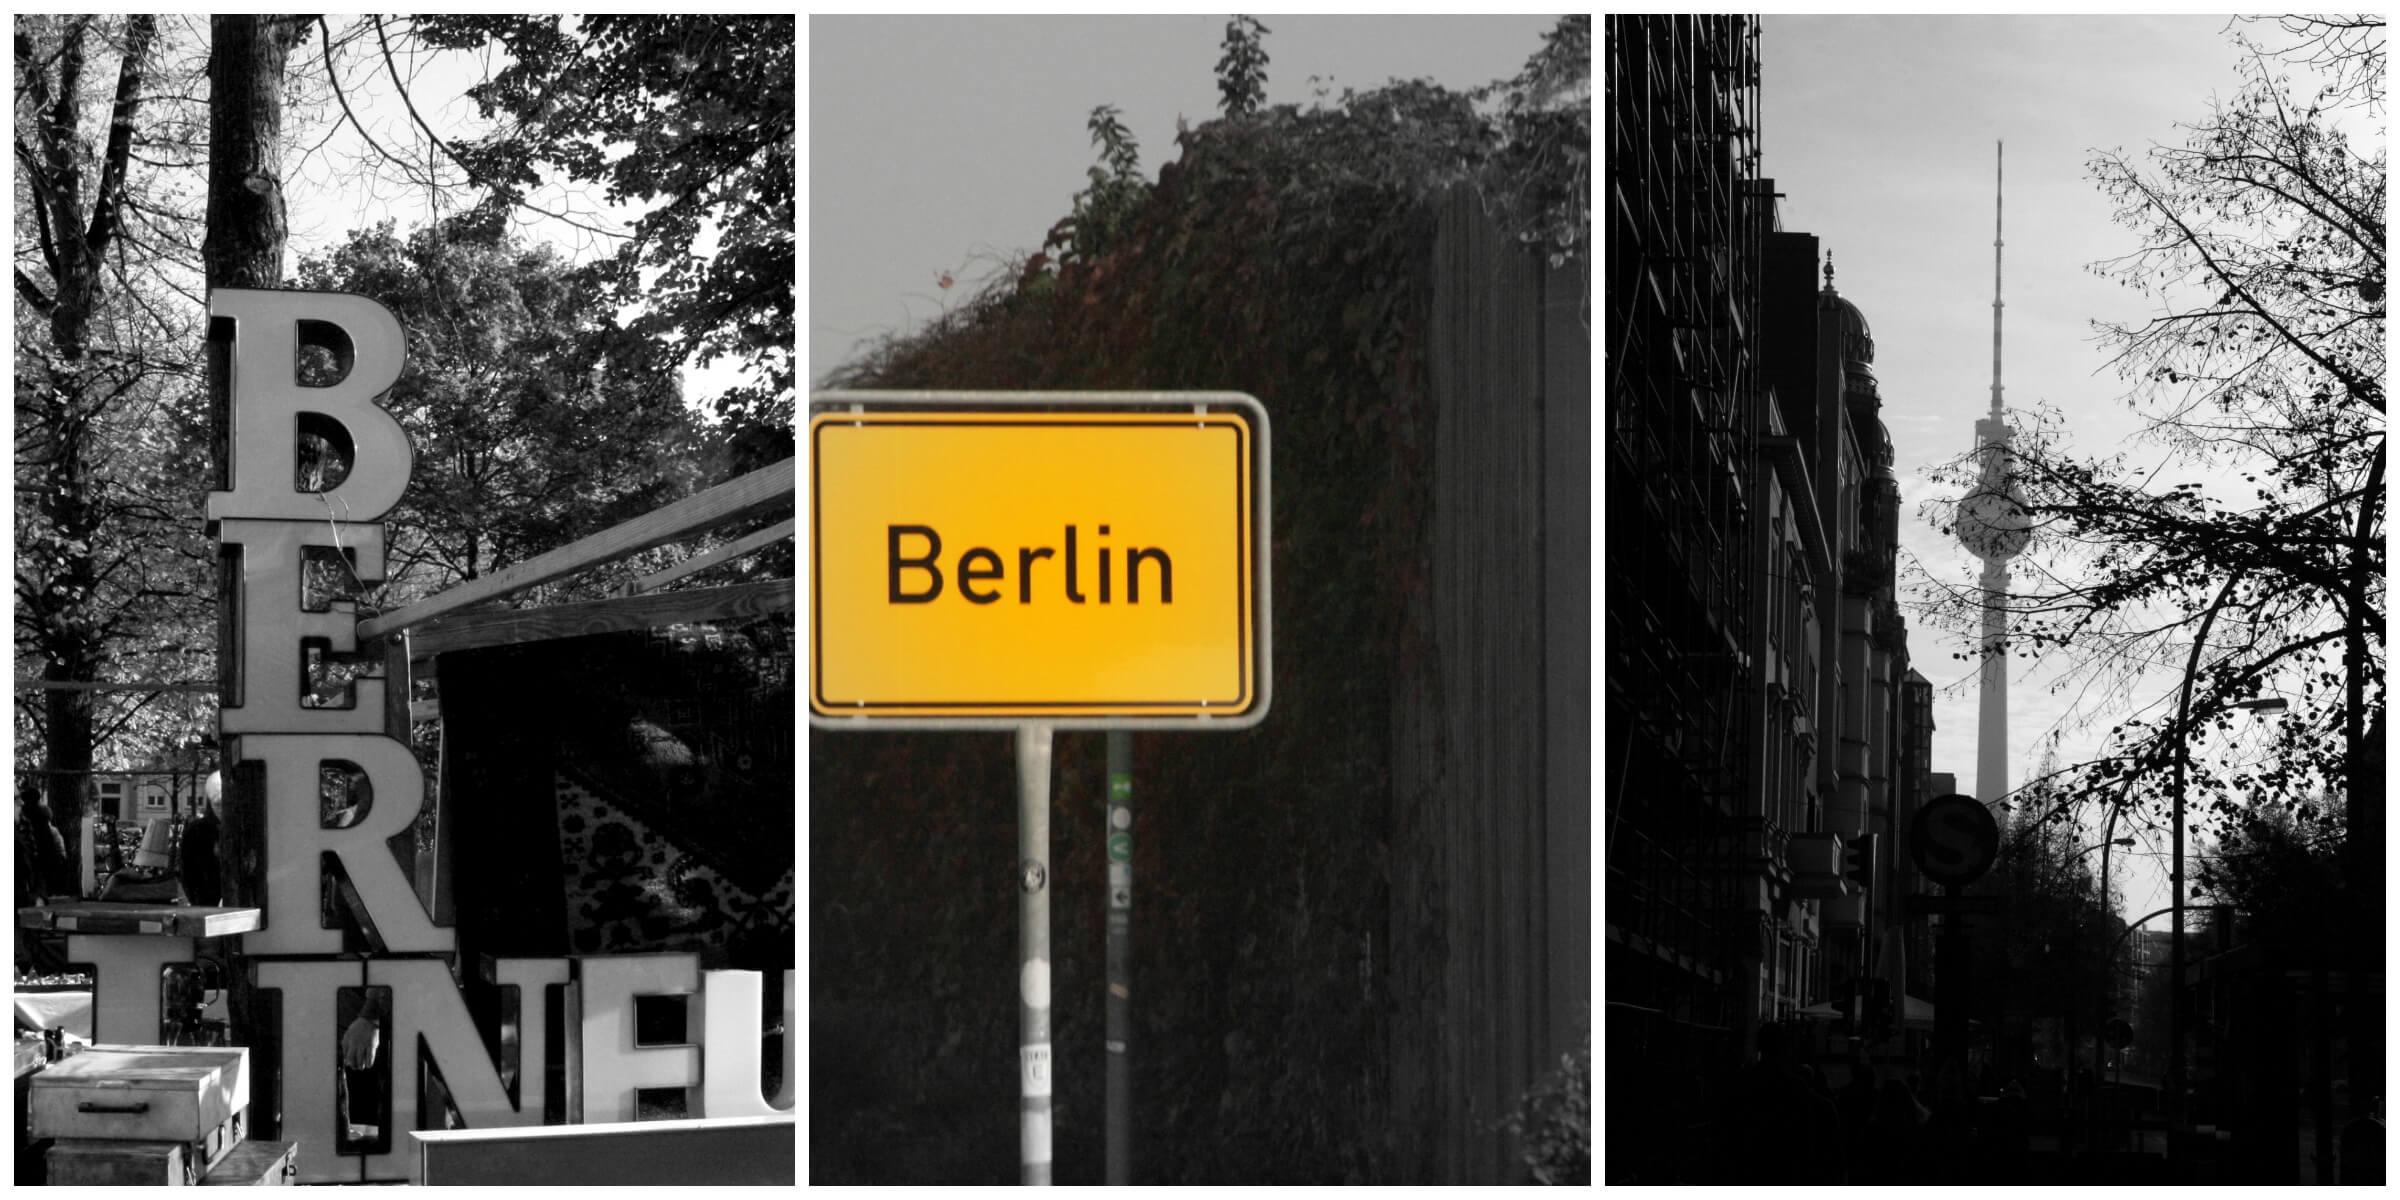 Straßenschild Berlin, fernsehturm,